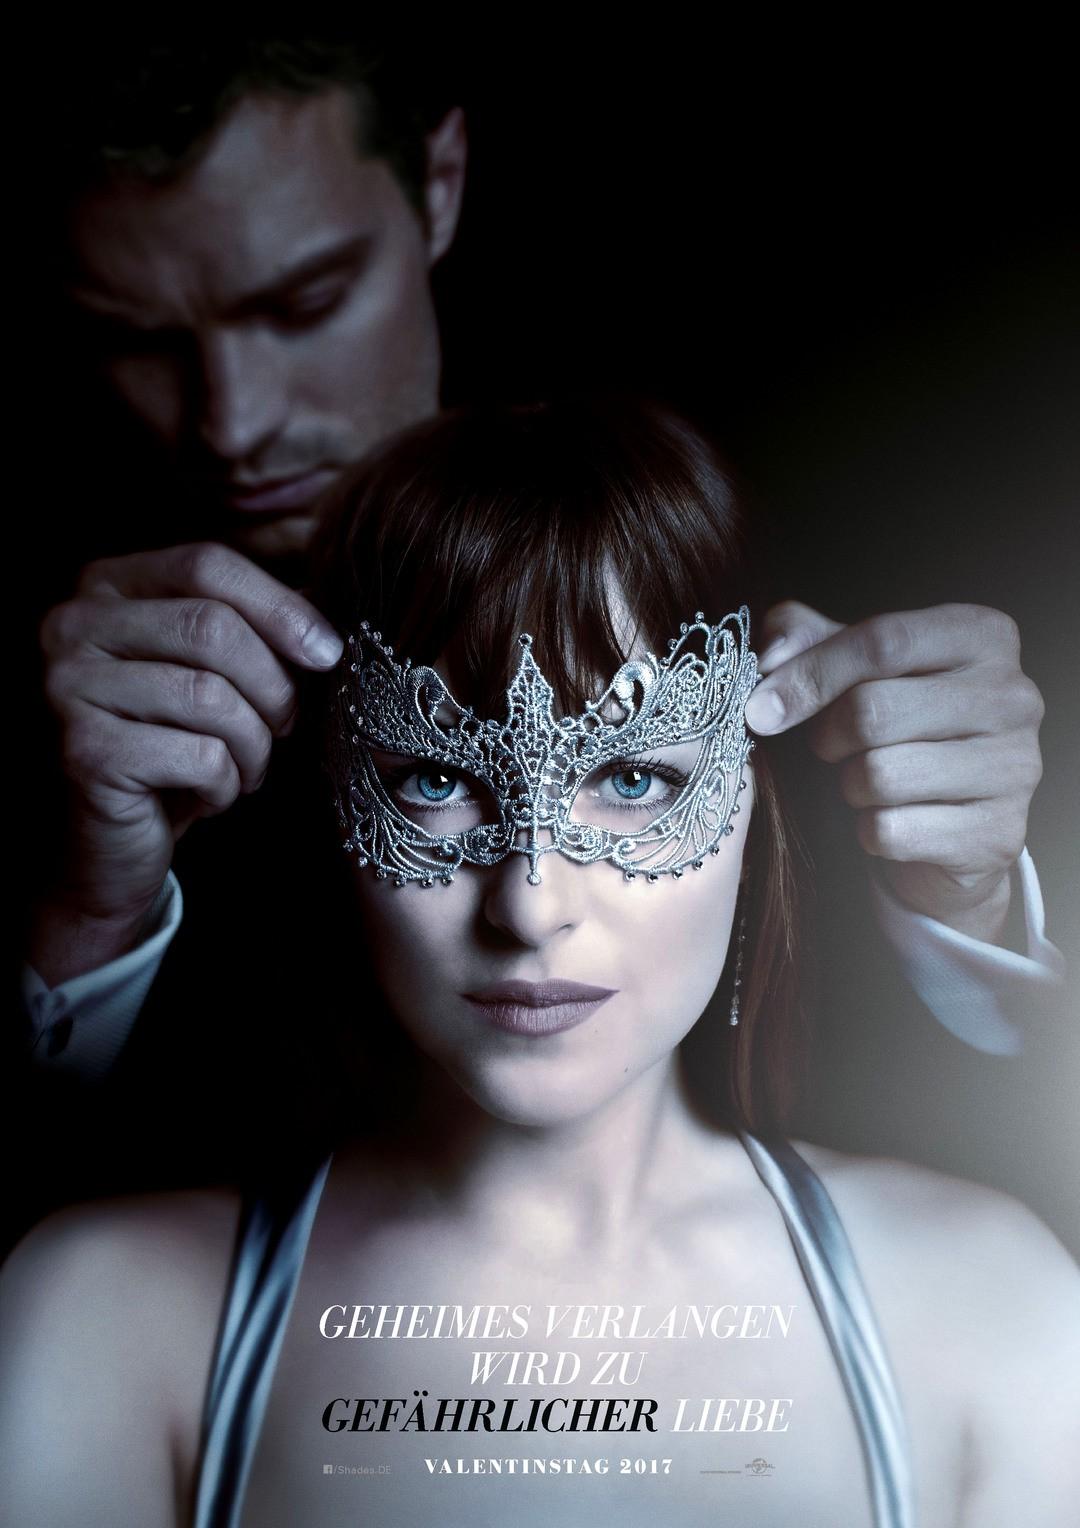 Fifty Shades Of Grey 2 - Gefährliche Liebe - Bild 4 von 5